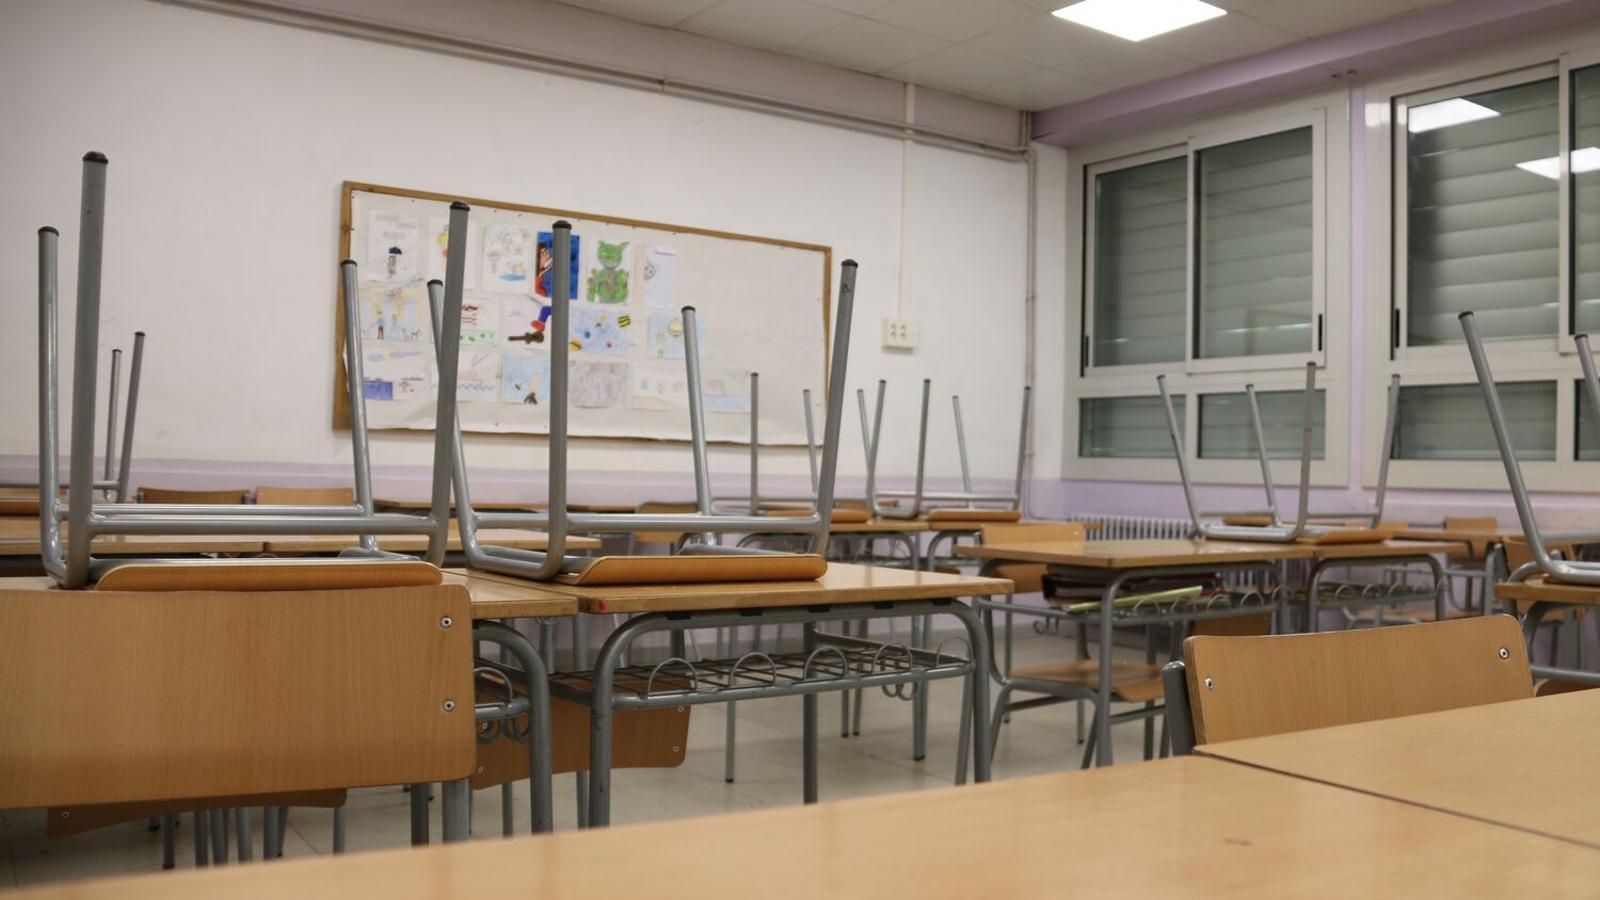 Barcelona cedeix 233 espais als centres educatius perquè facin grups reduïts